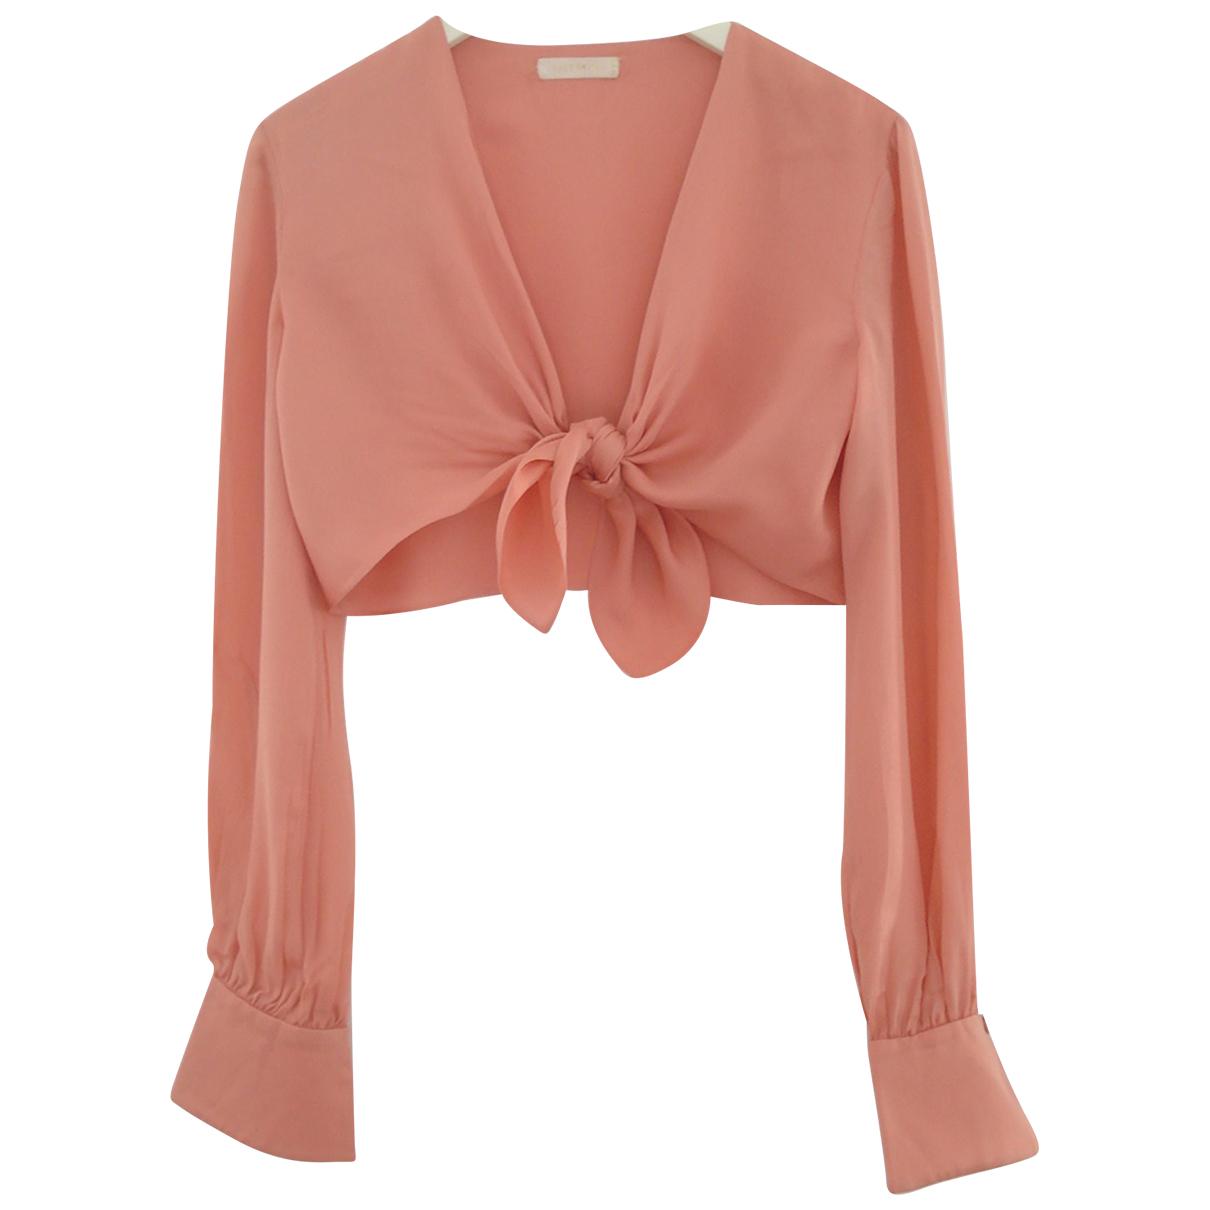 Valentino Garavani N Pink Silk  top for Women 8 US